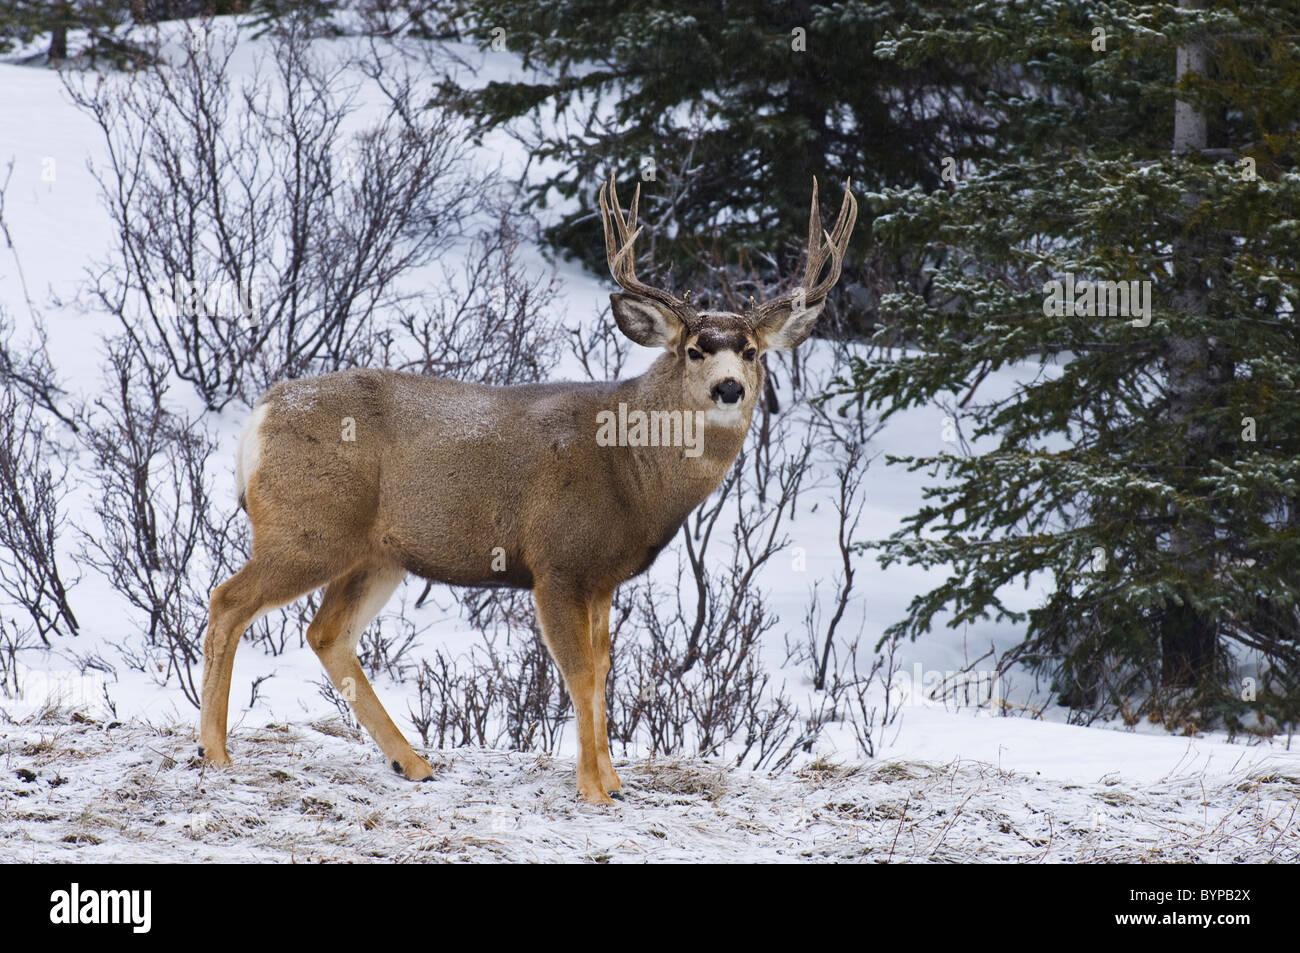 A mule deer buck. - Stock Image